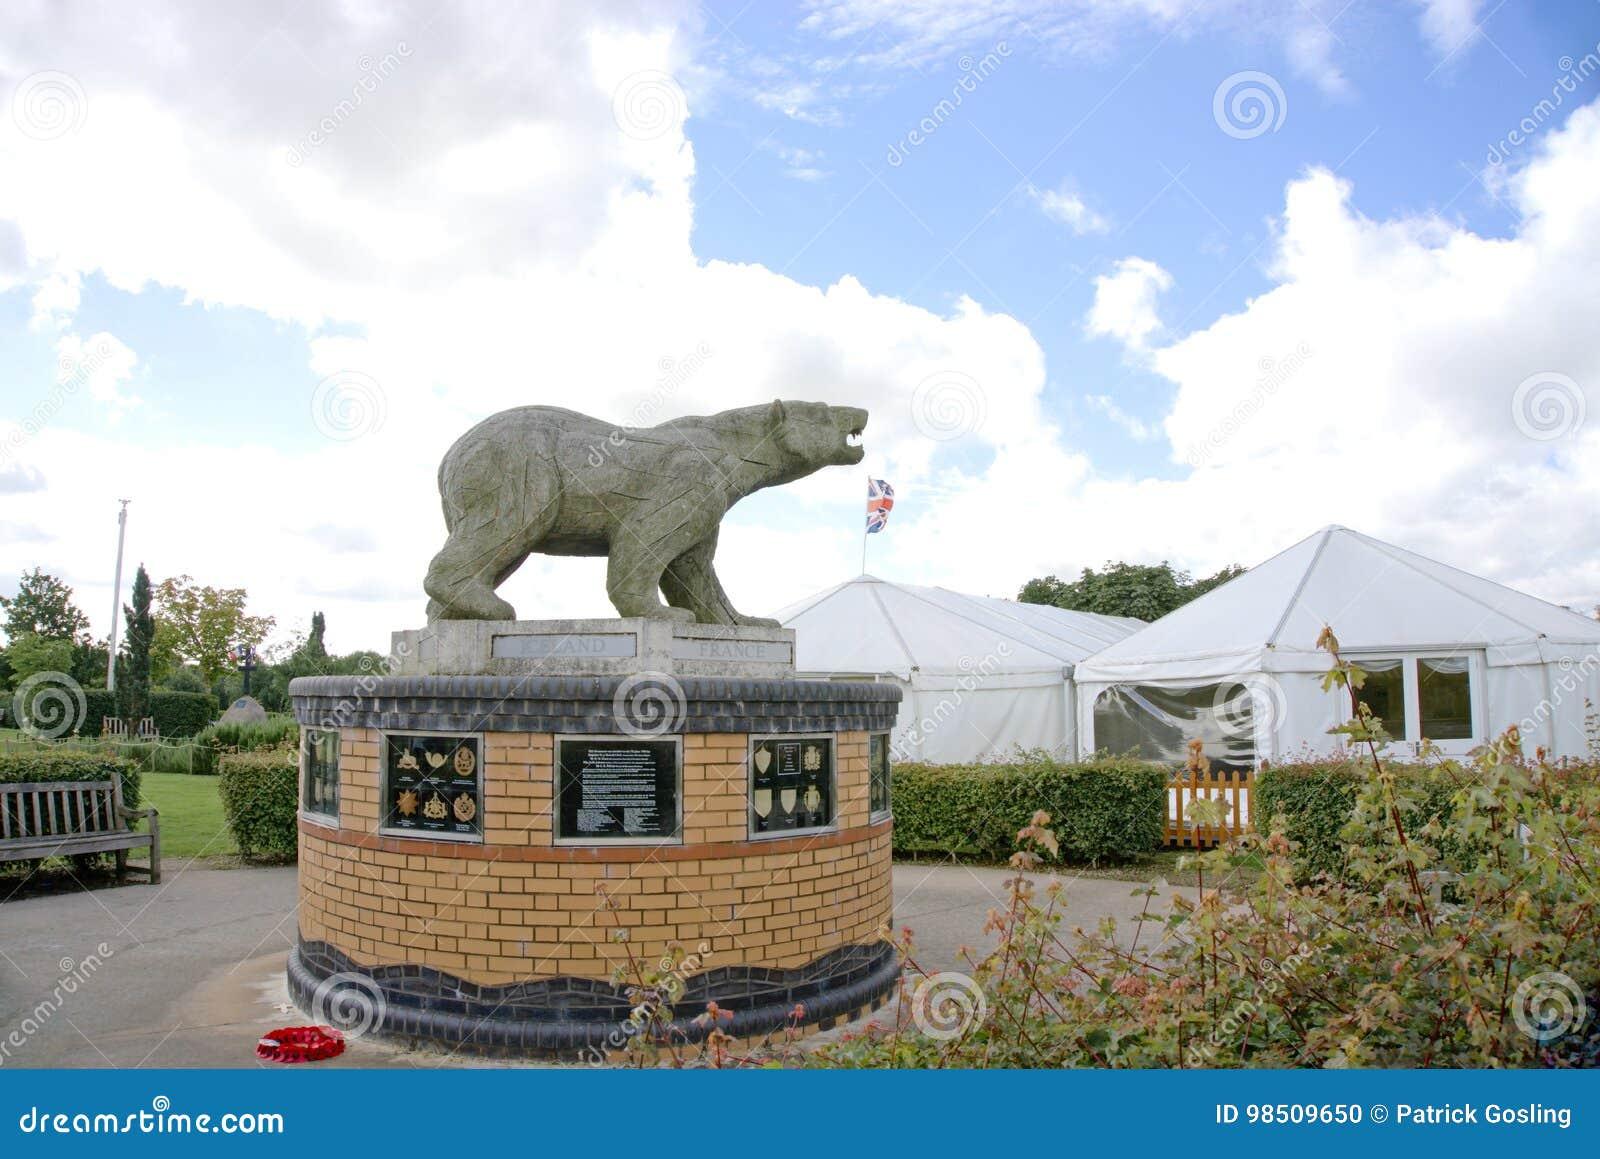 Eisbär-Denkmal